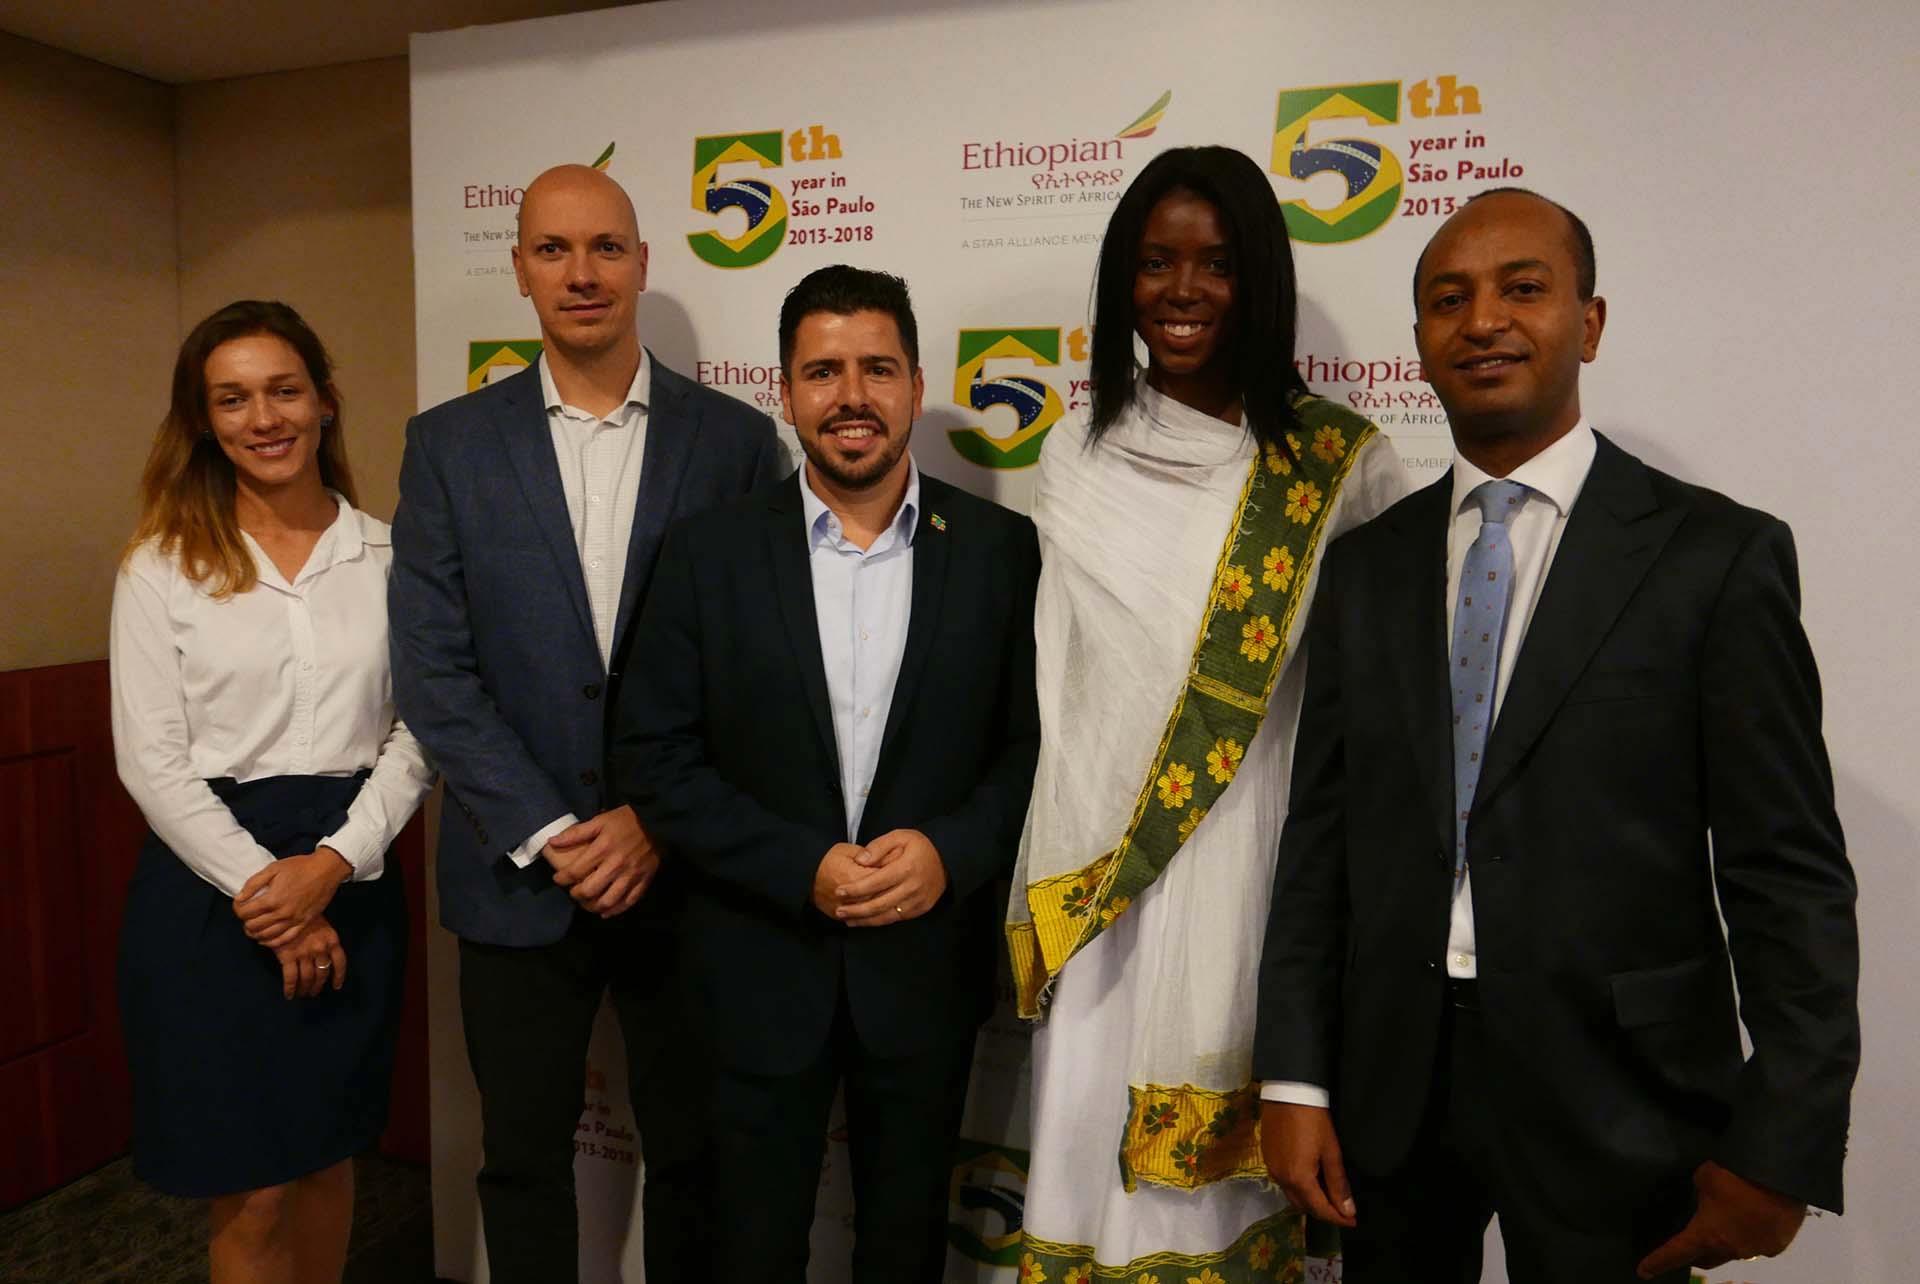 Luise Sanches e Marcelo Kaiser, da Aviareps, Raphael de Lucca, Marcelly Rosa e Girum Abebe, da Ethiopian